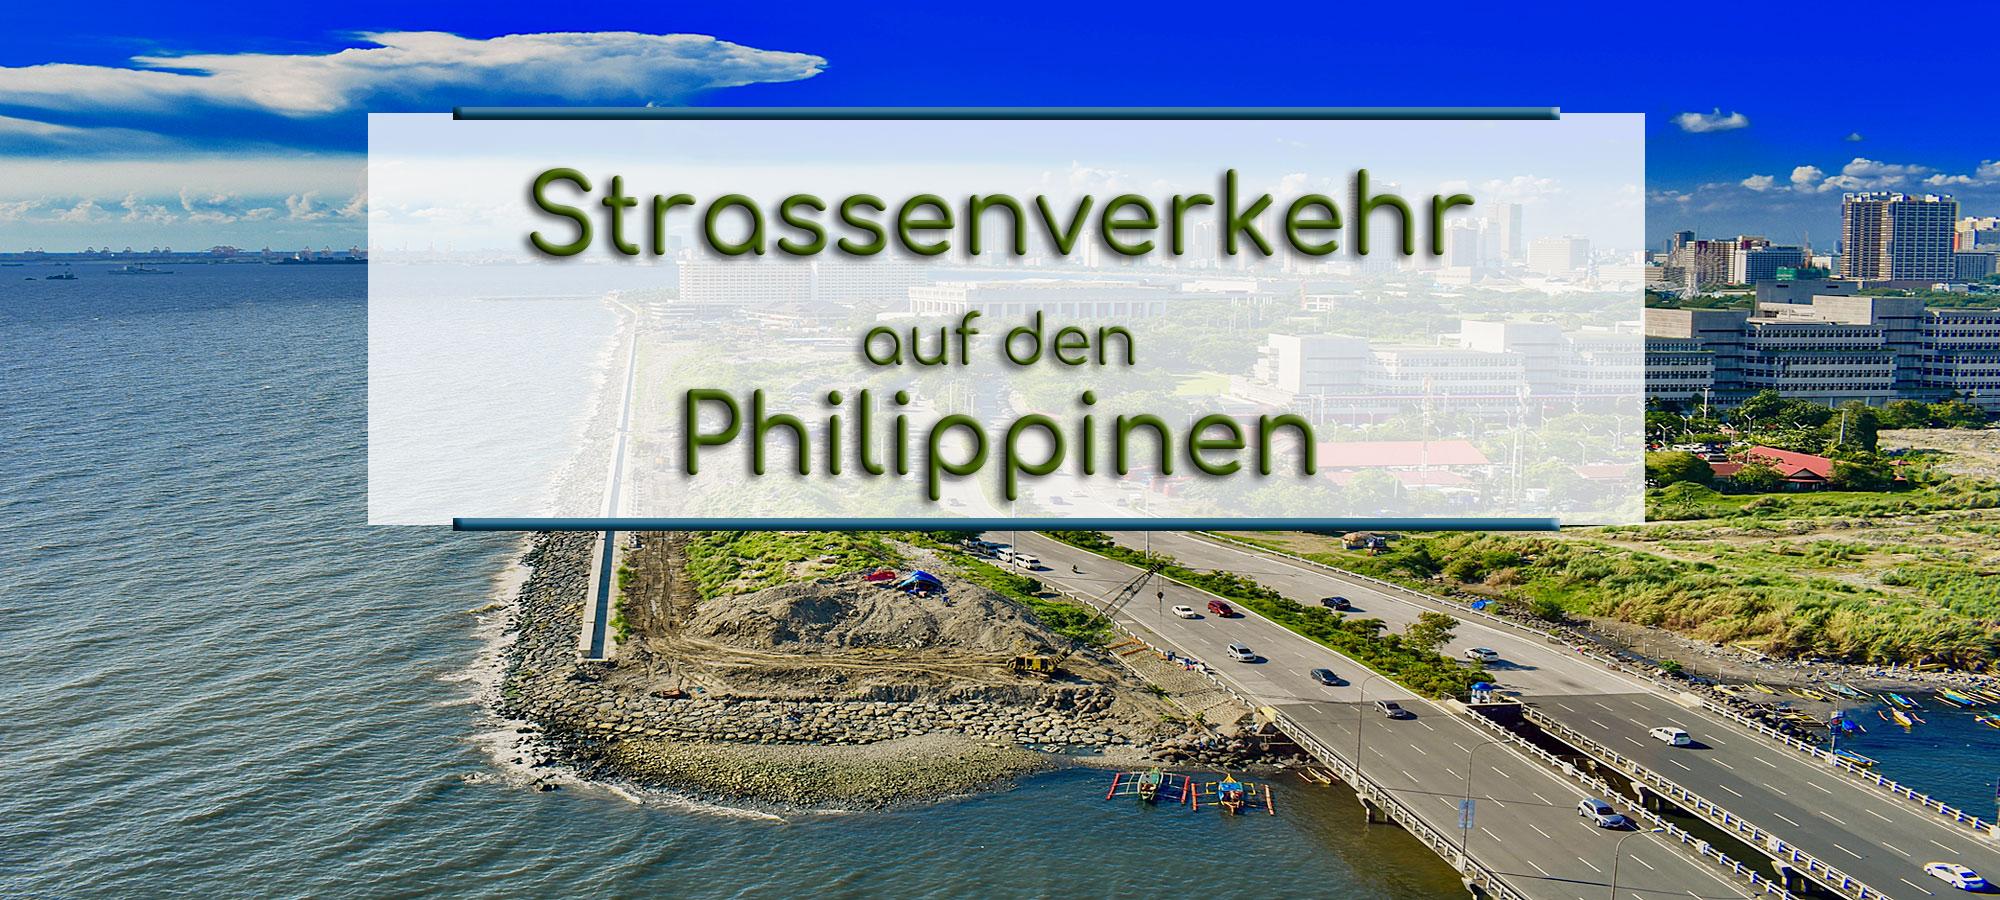 Zu sehen ist eine Panoramaansicht von Manila, der Hauptstadt der Philippinen. Ein Teil der Kueste und des Meeres ist zu sehen. Zwei Mehrspurige Strassen mit Autos sind zu sehen. Im Textfeld steht geschrieben: Strassenverkehr auf den Philippinen.